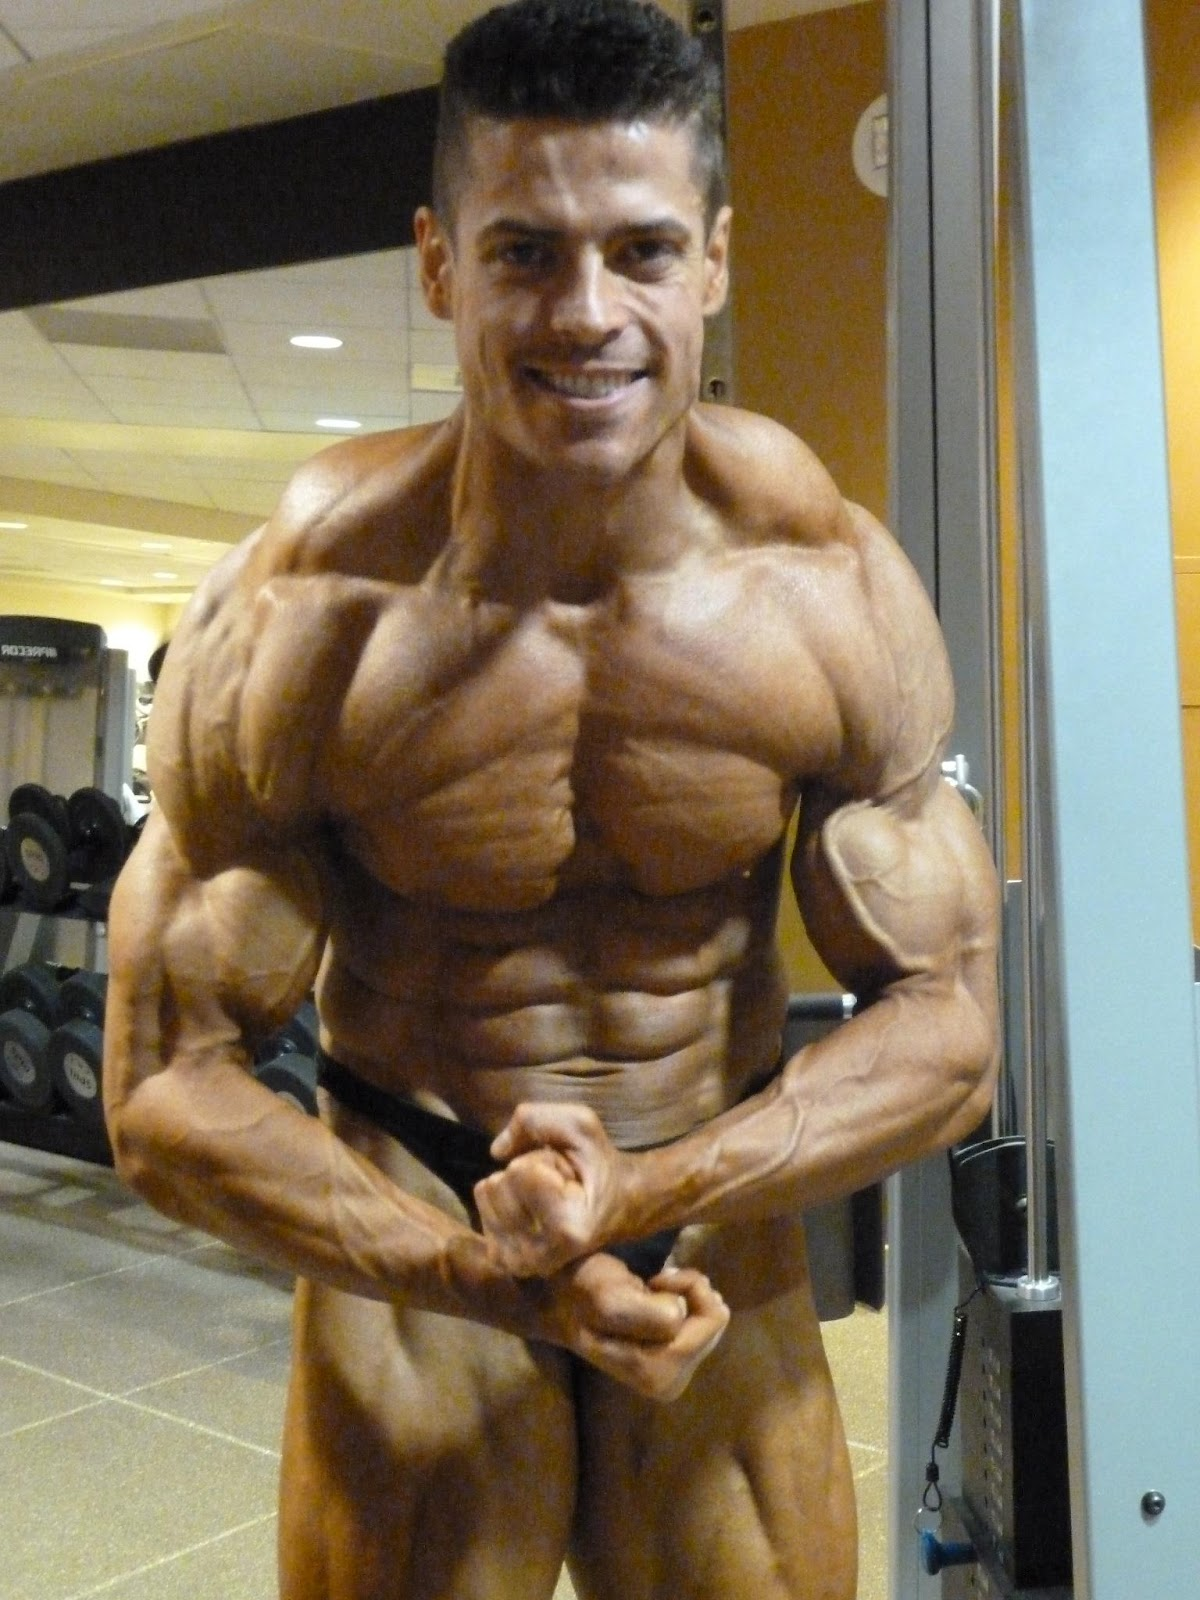 roger snipes steroids